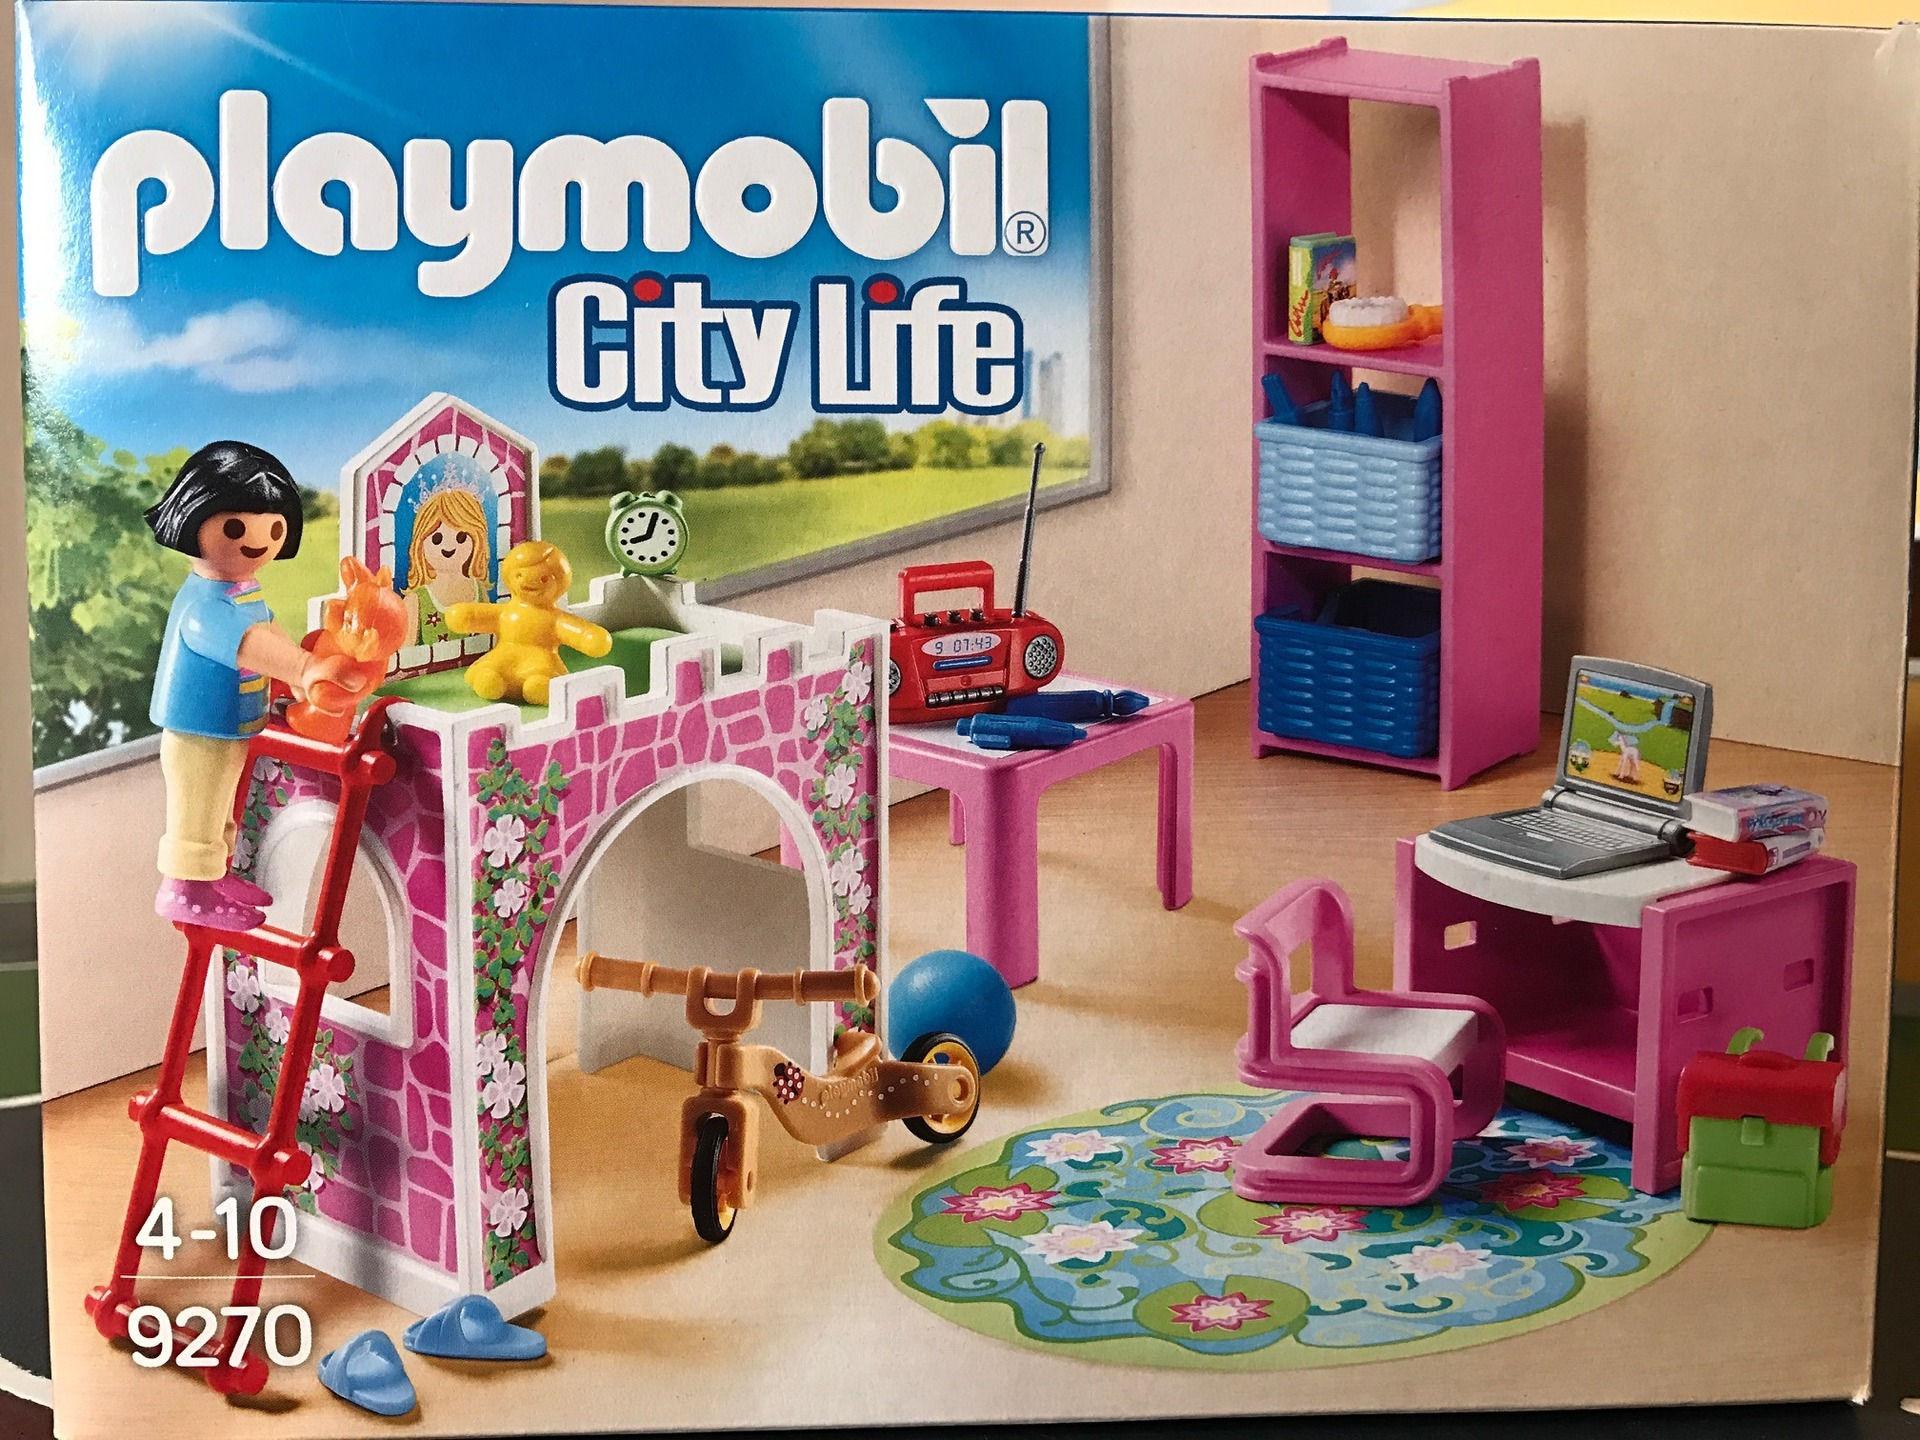 Playmobil Keuken 9269 : Playmobil city life küche 9269 playmobil city life küche aetrio club